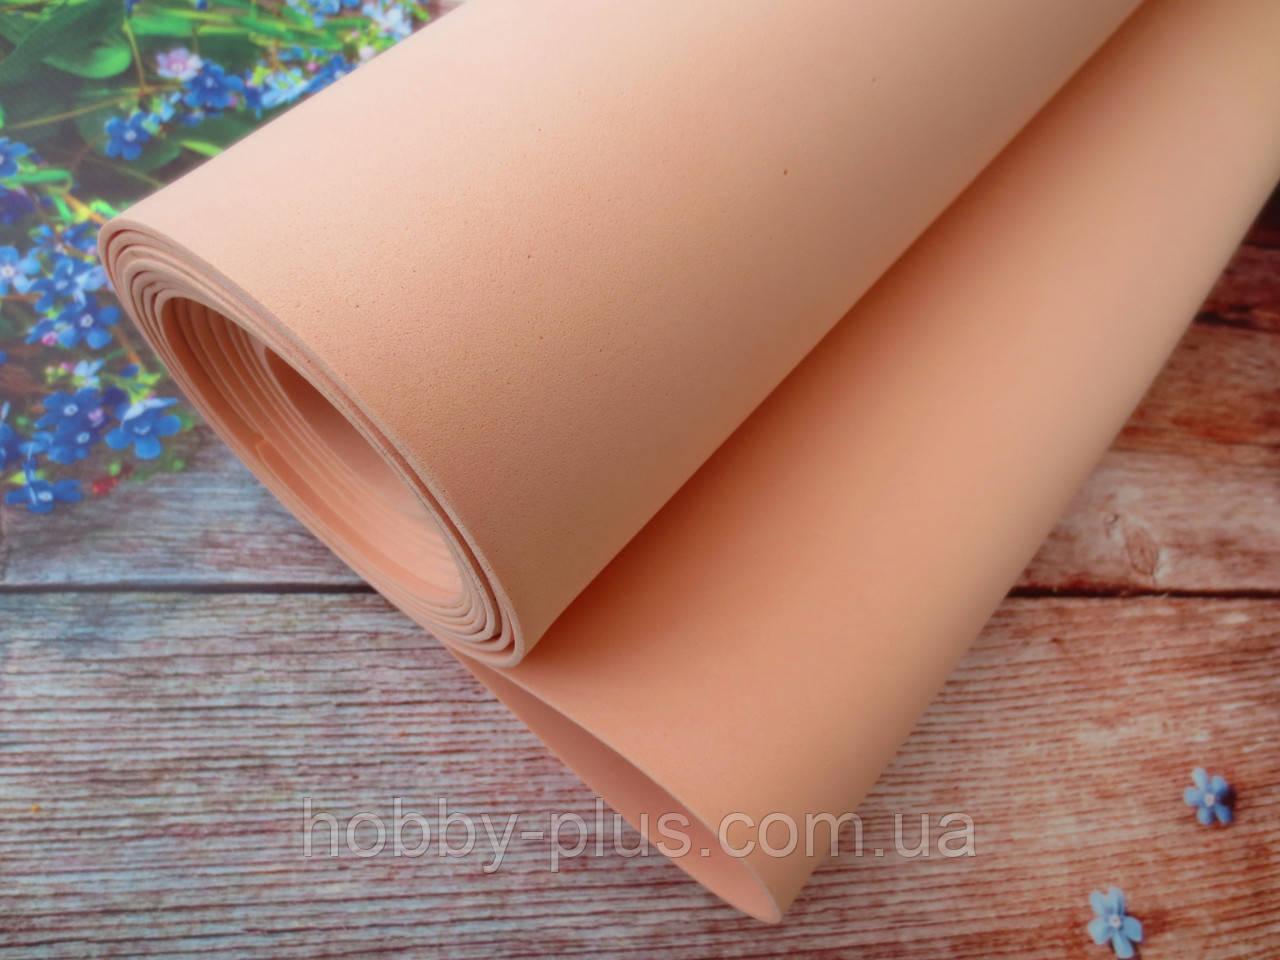 Фоамиран для ростовых цветов, 2 мм, 1х4 м, цвет ПЕРСИКОВЫЙ